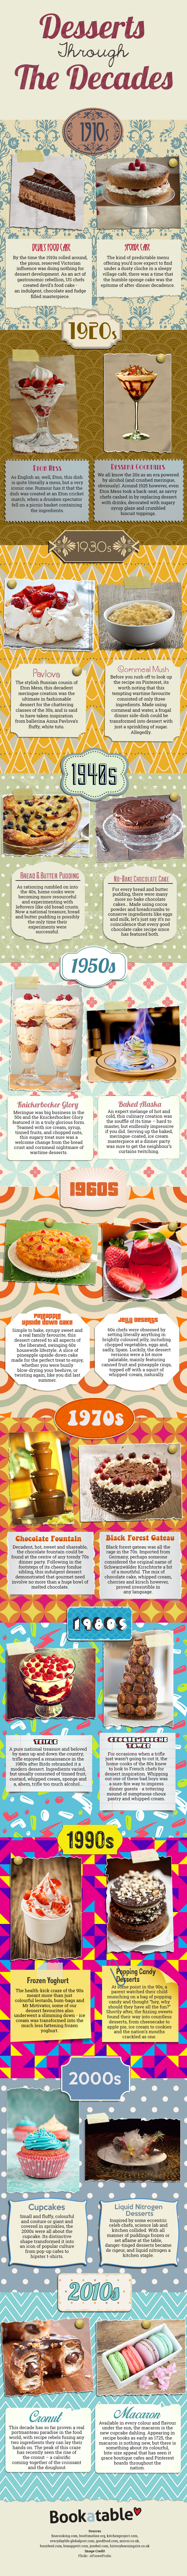 Desserts Through The Decades